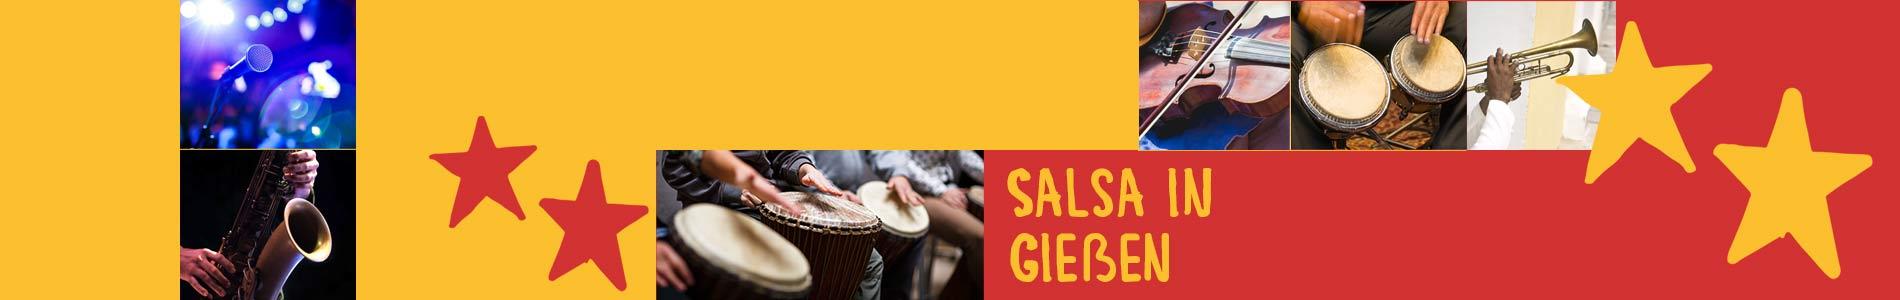 Salsa in Gießen – Salsa lernen und tanzen, Tanzkurse, Partys, Veranstaltungen